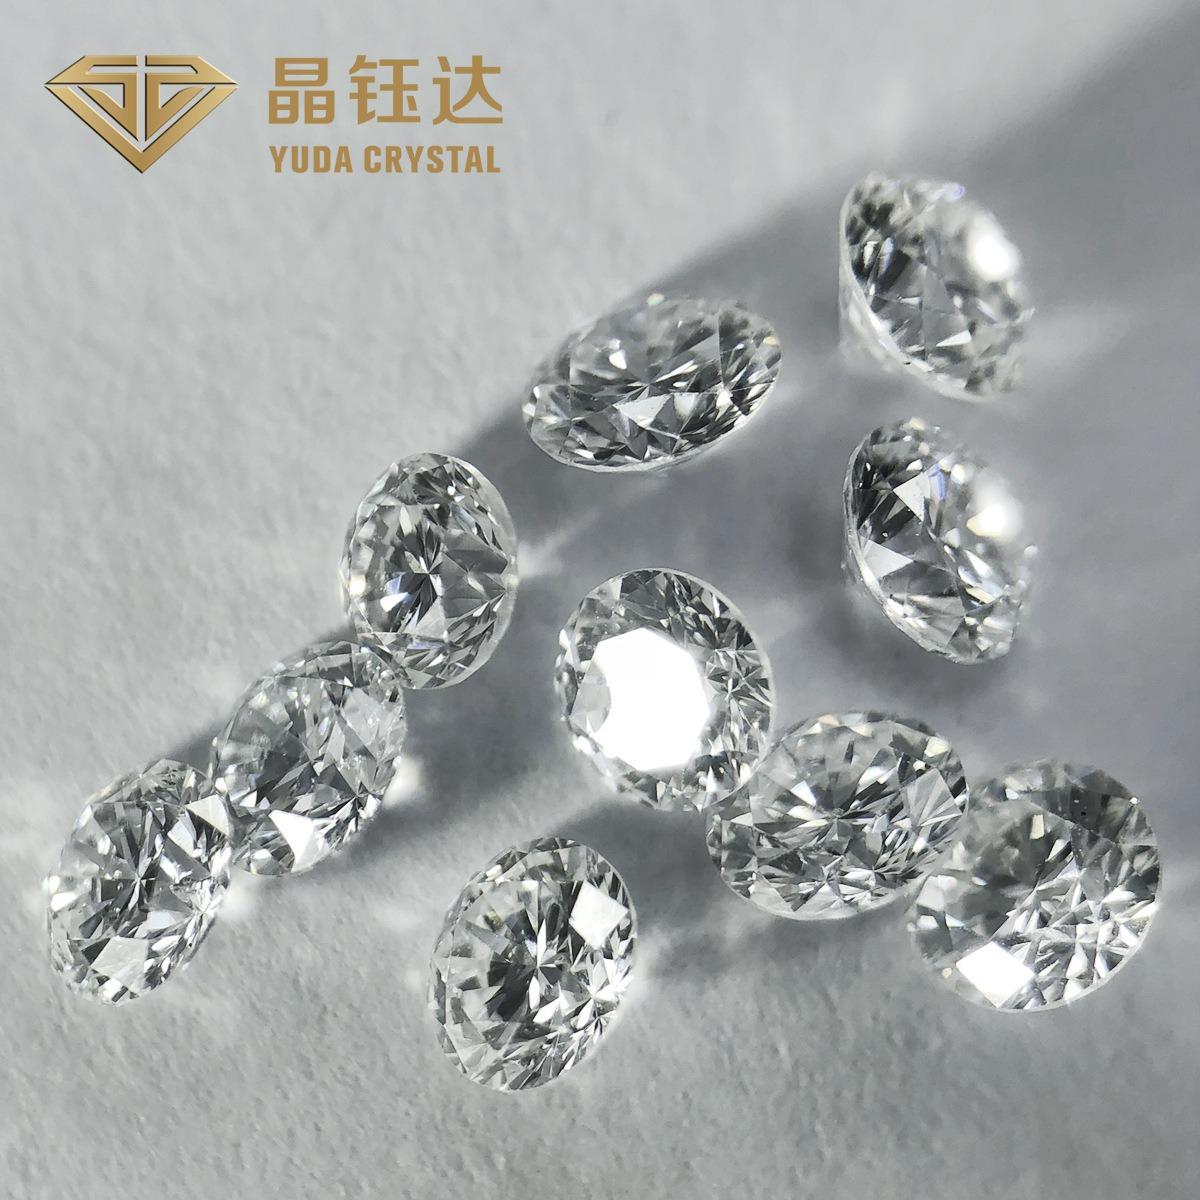 培育钻石 裸钻 白色圆钻